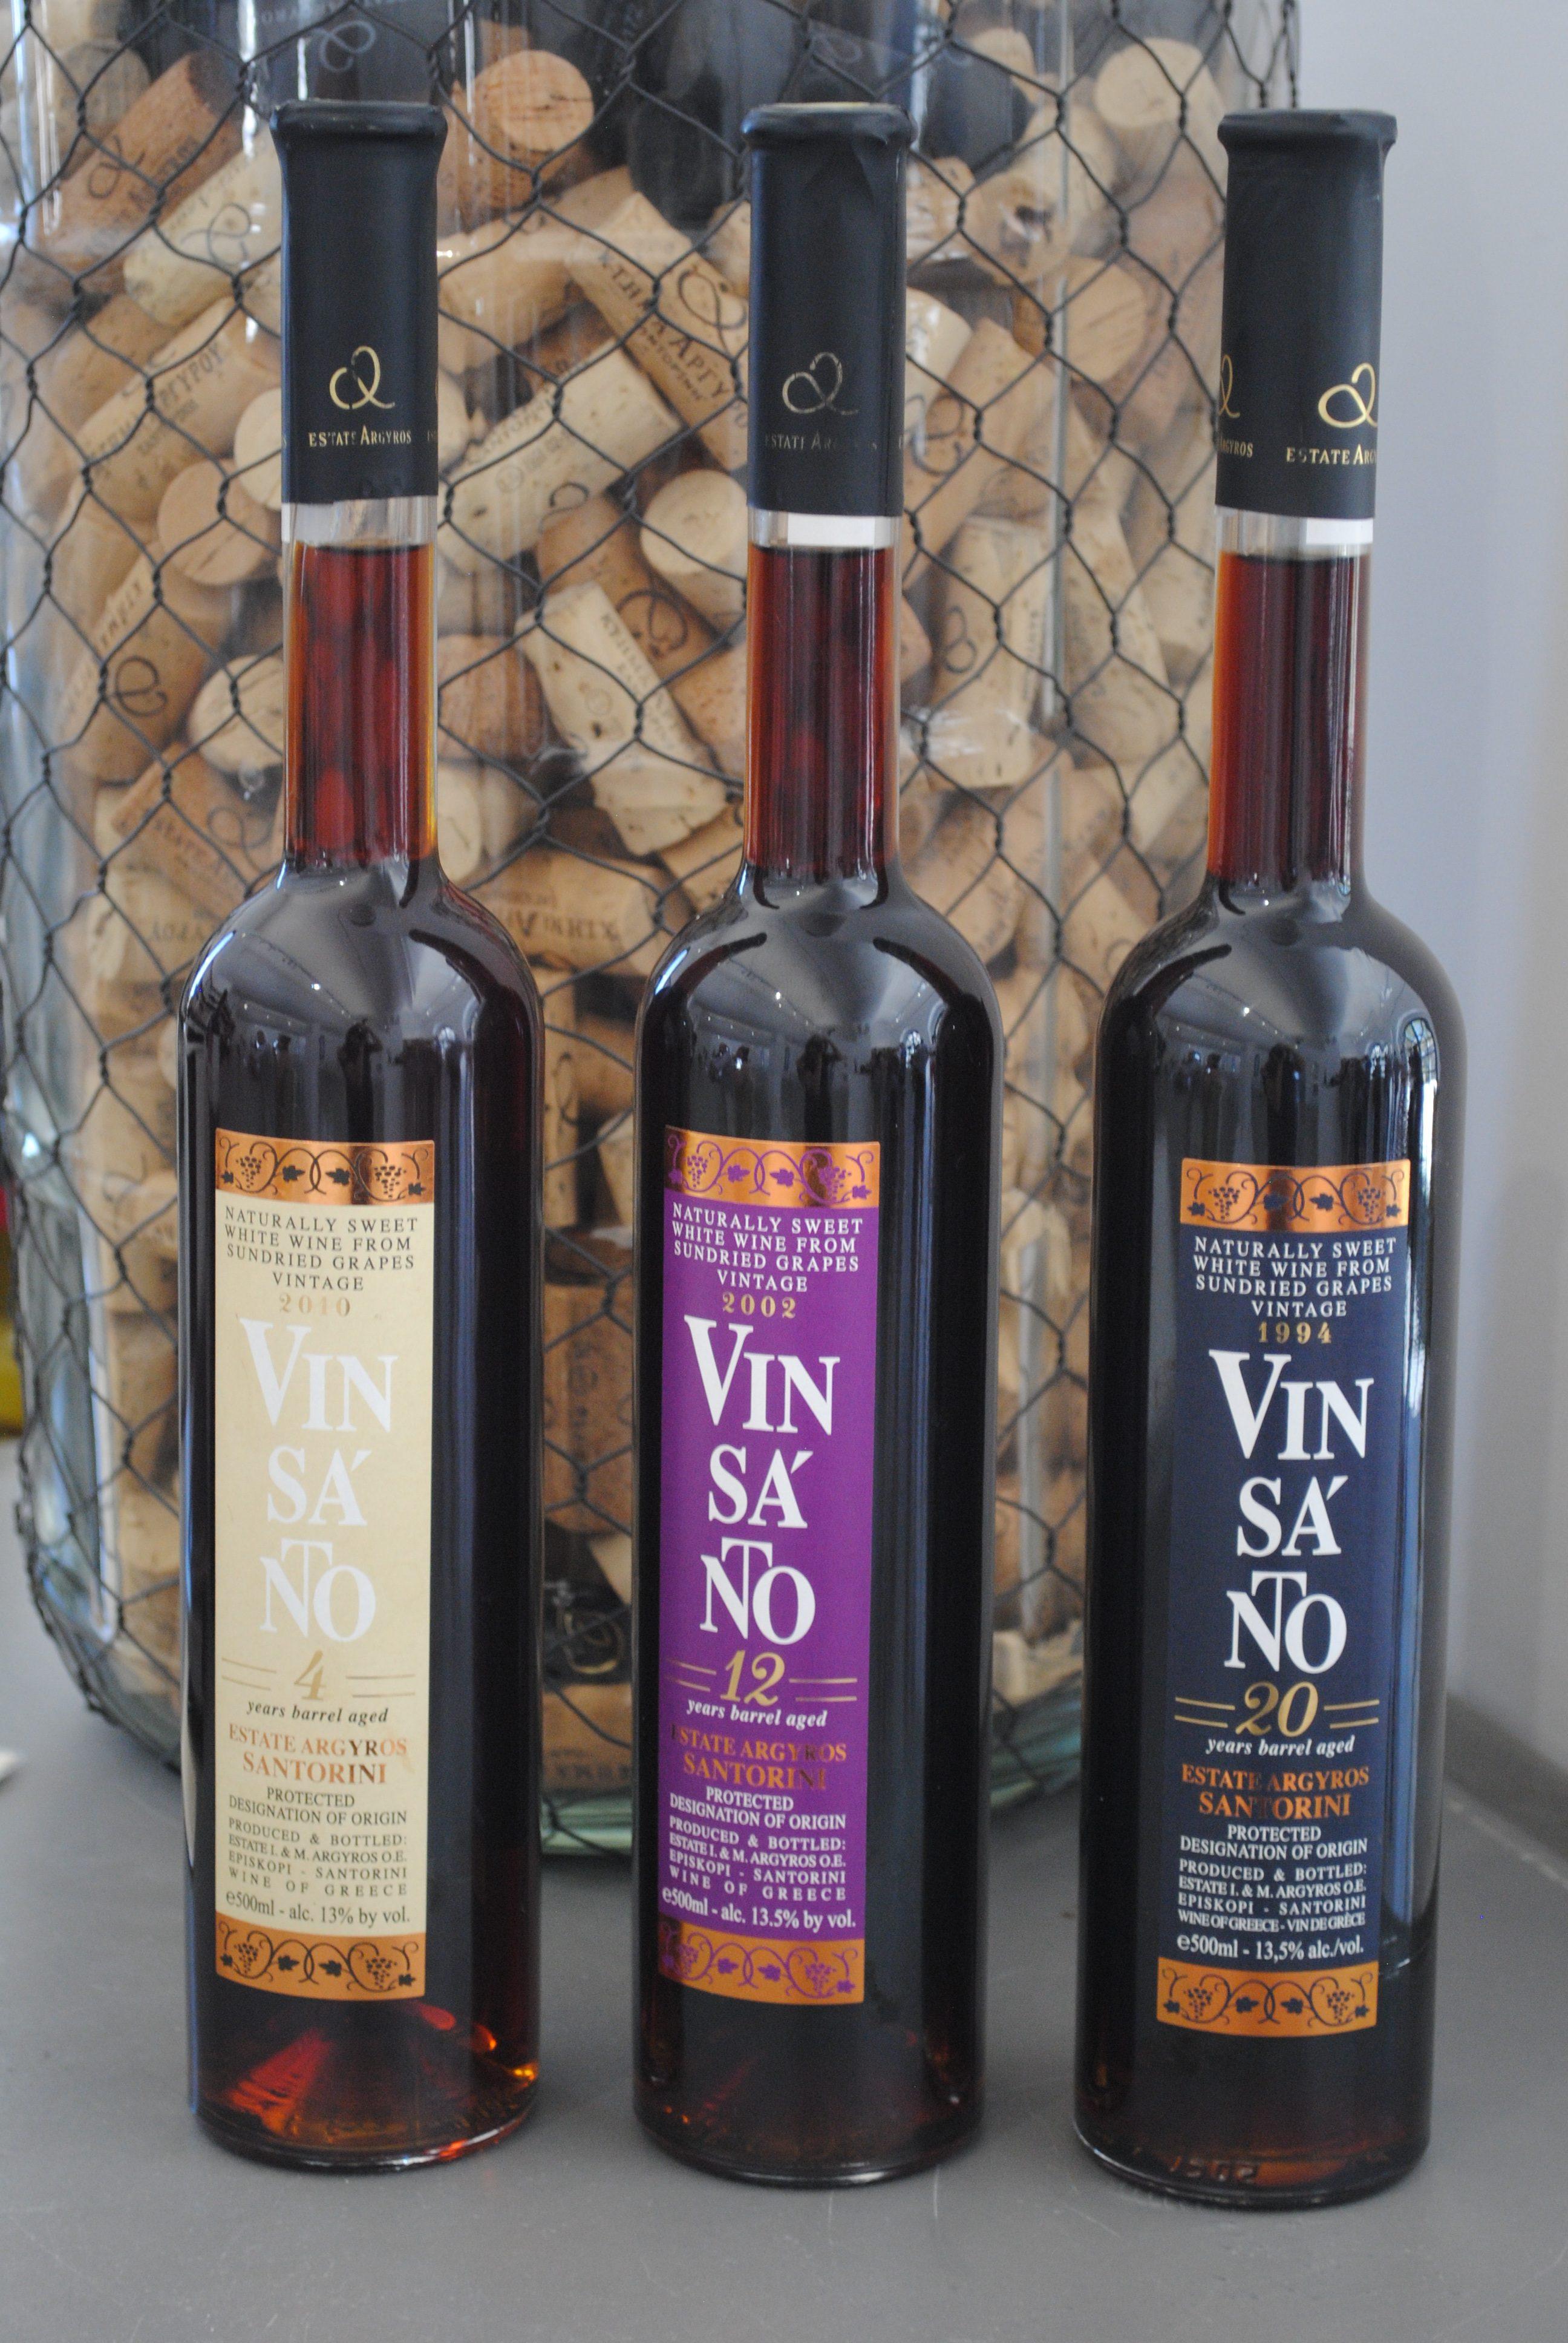 Vinsanto wine tasting in Santorini